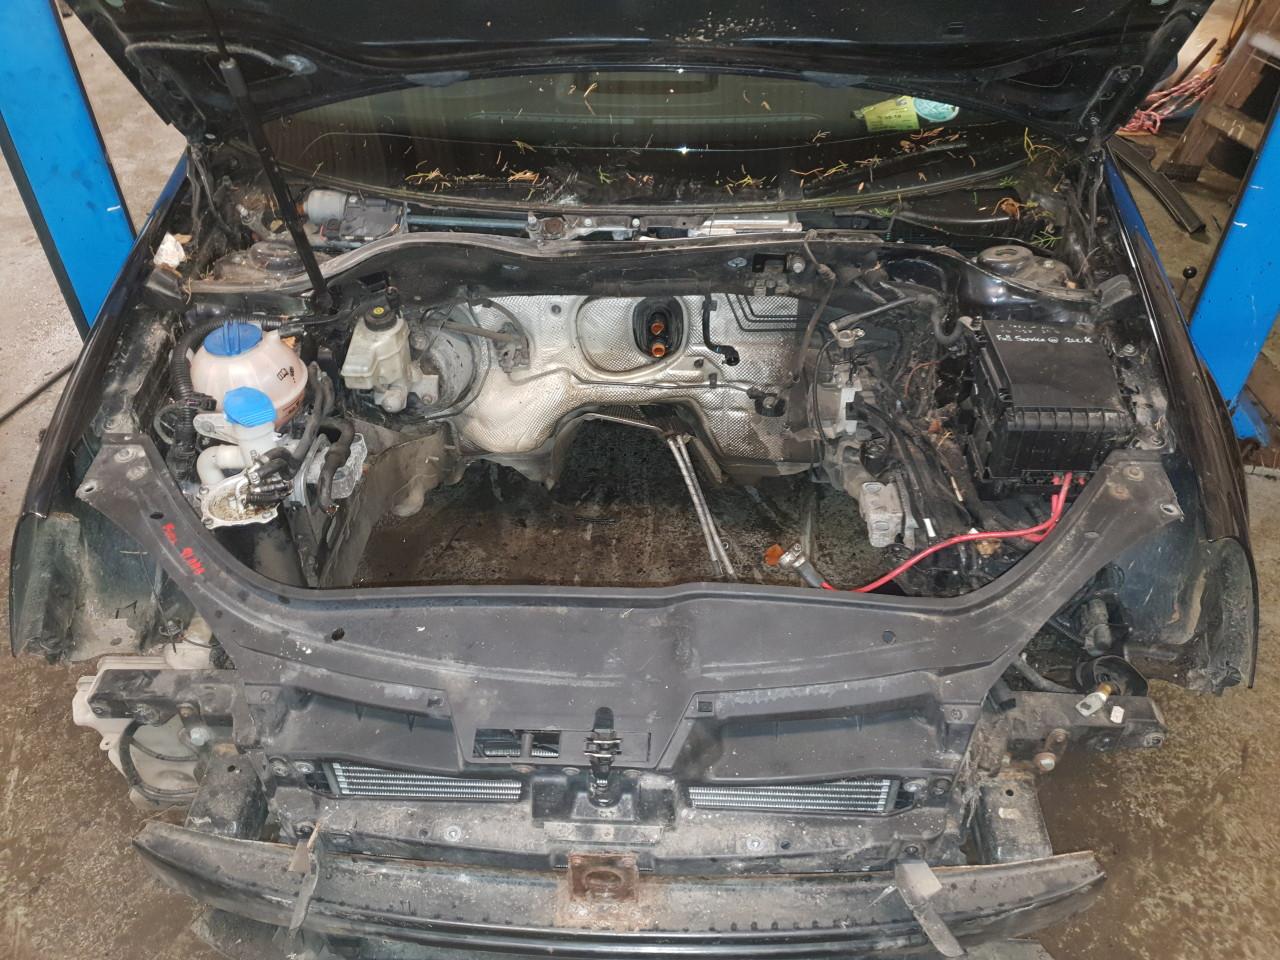 Dezmembrez Golf 5 Volkswagen 1.9 TDI cod BKC Diesel 105 CP 2004 -2009